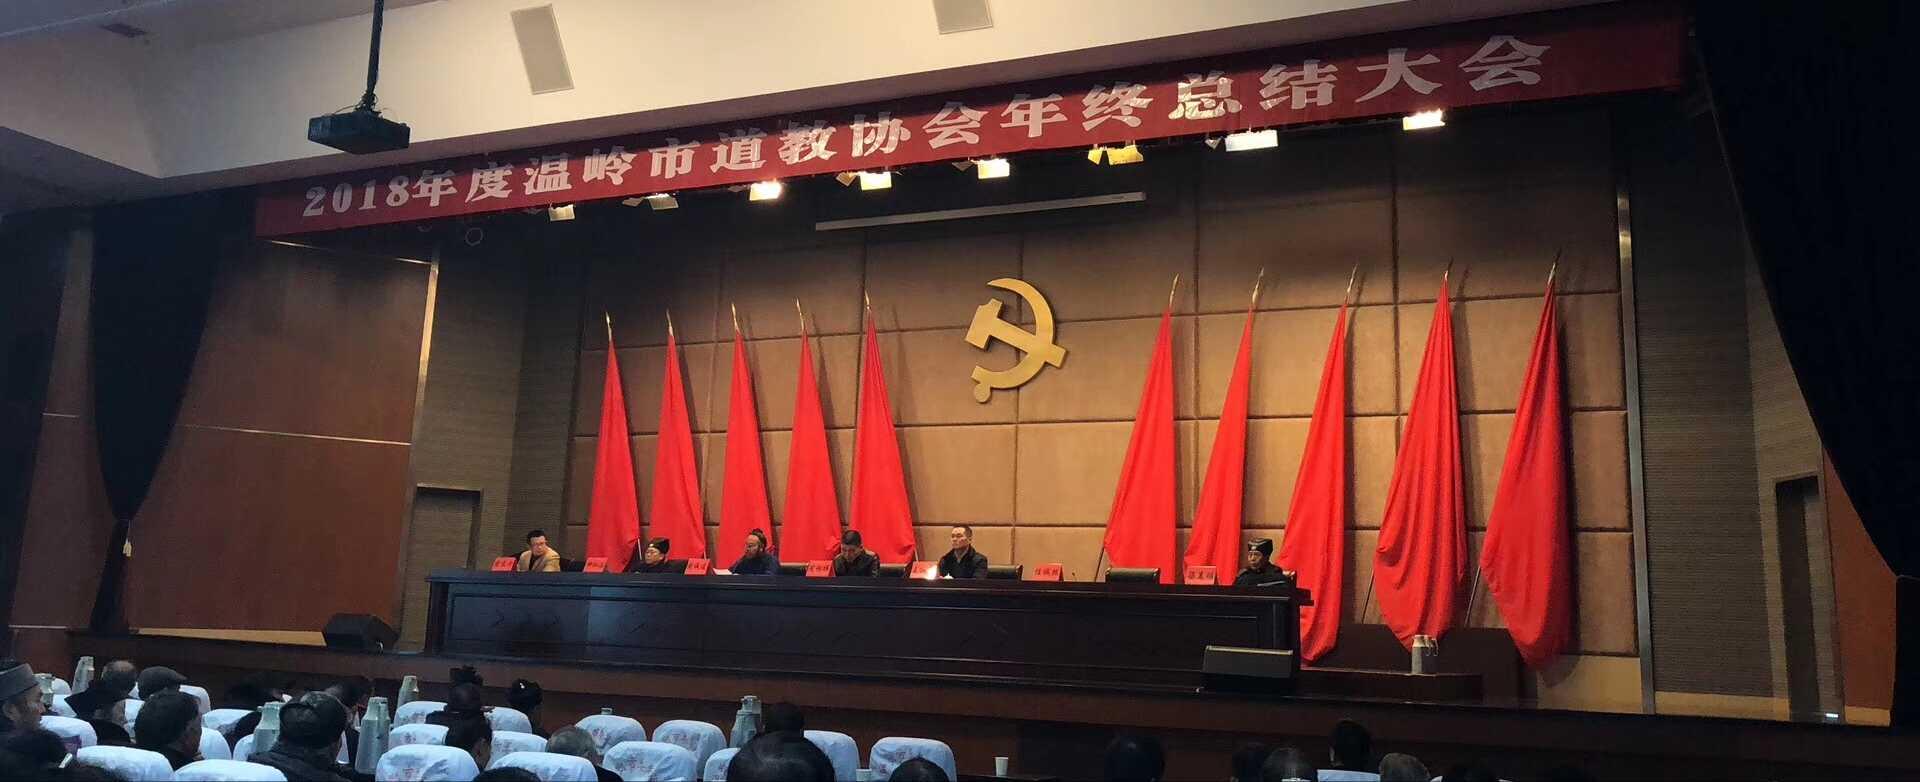 温岭市道协召开2018年度总结暨2019年度工作部署会